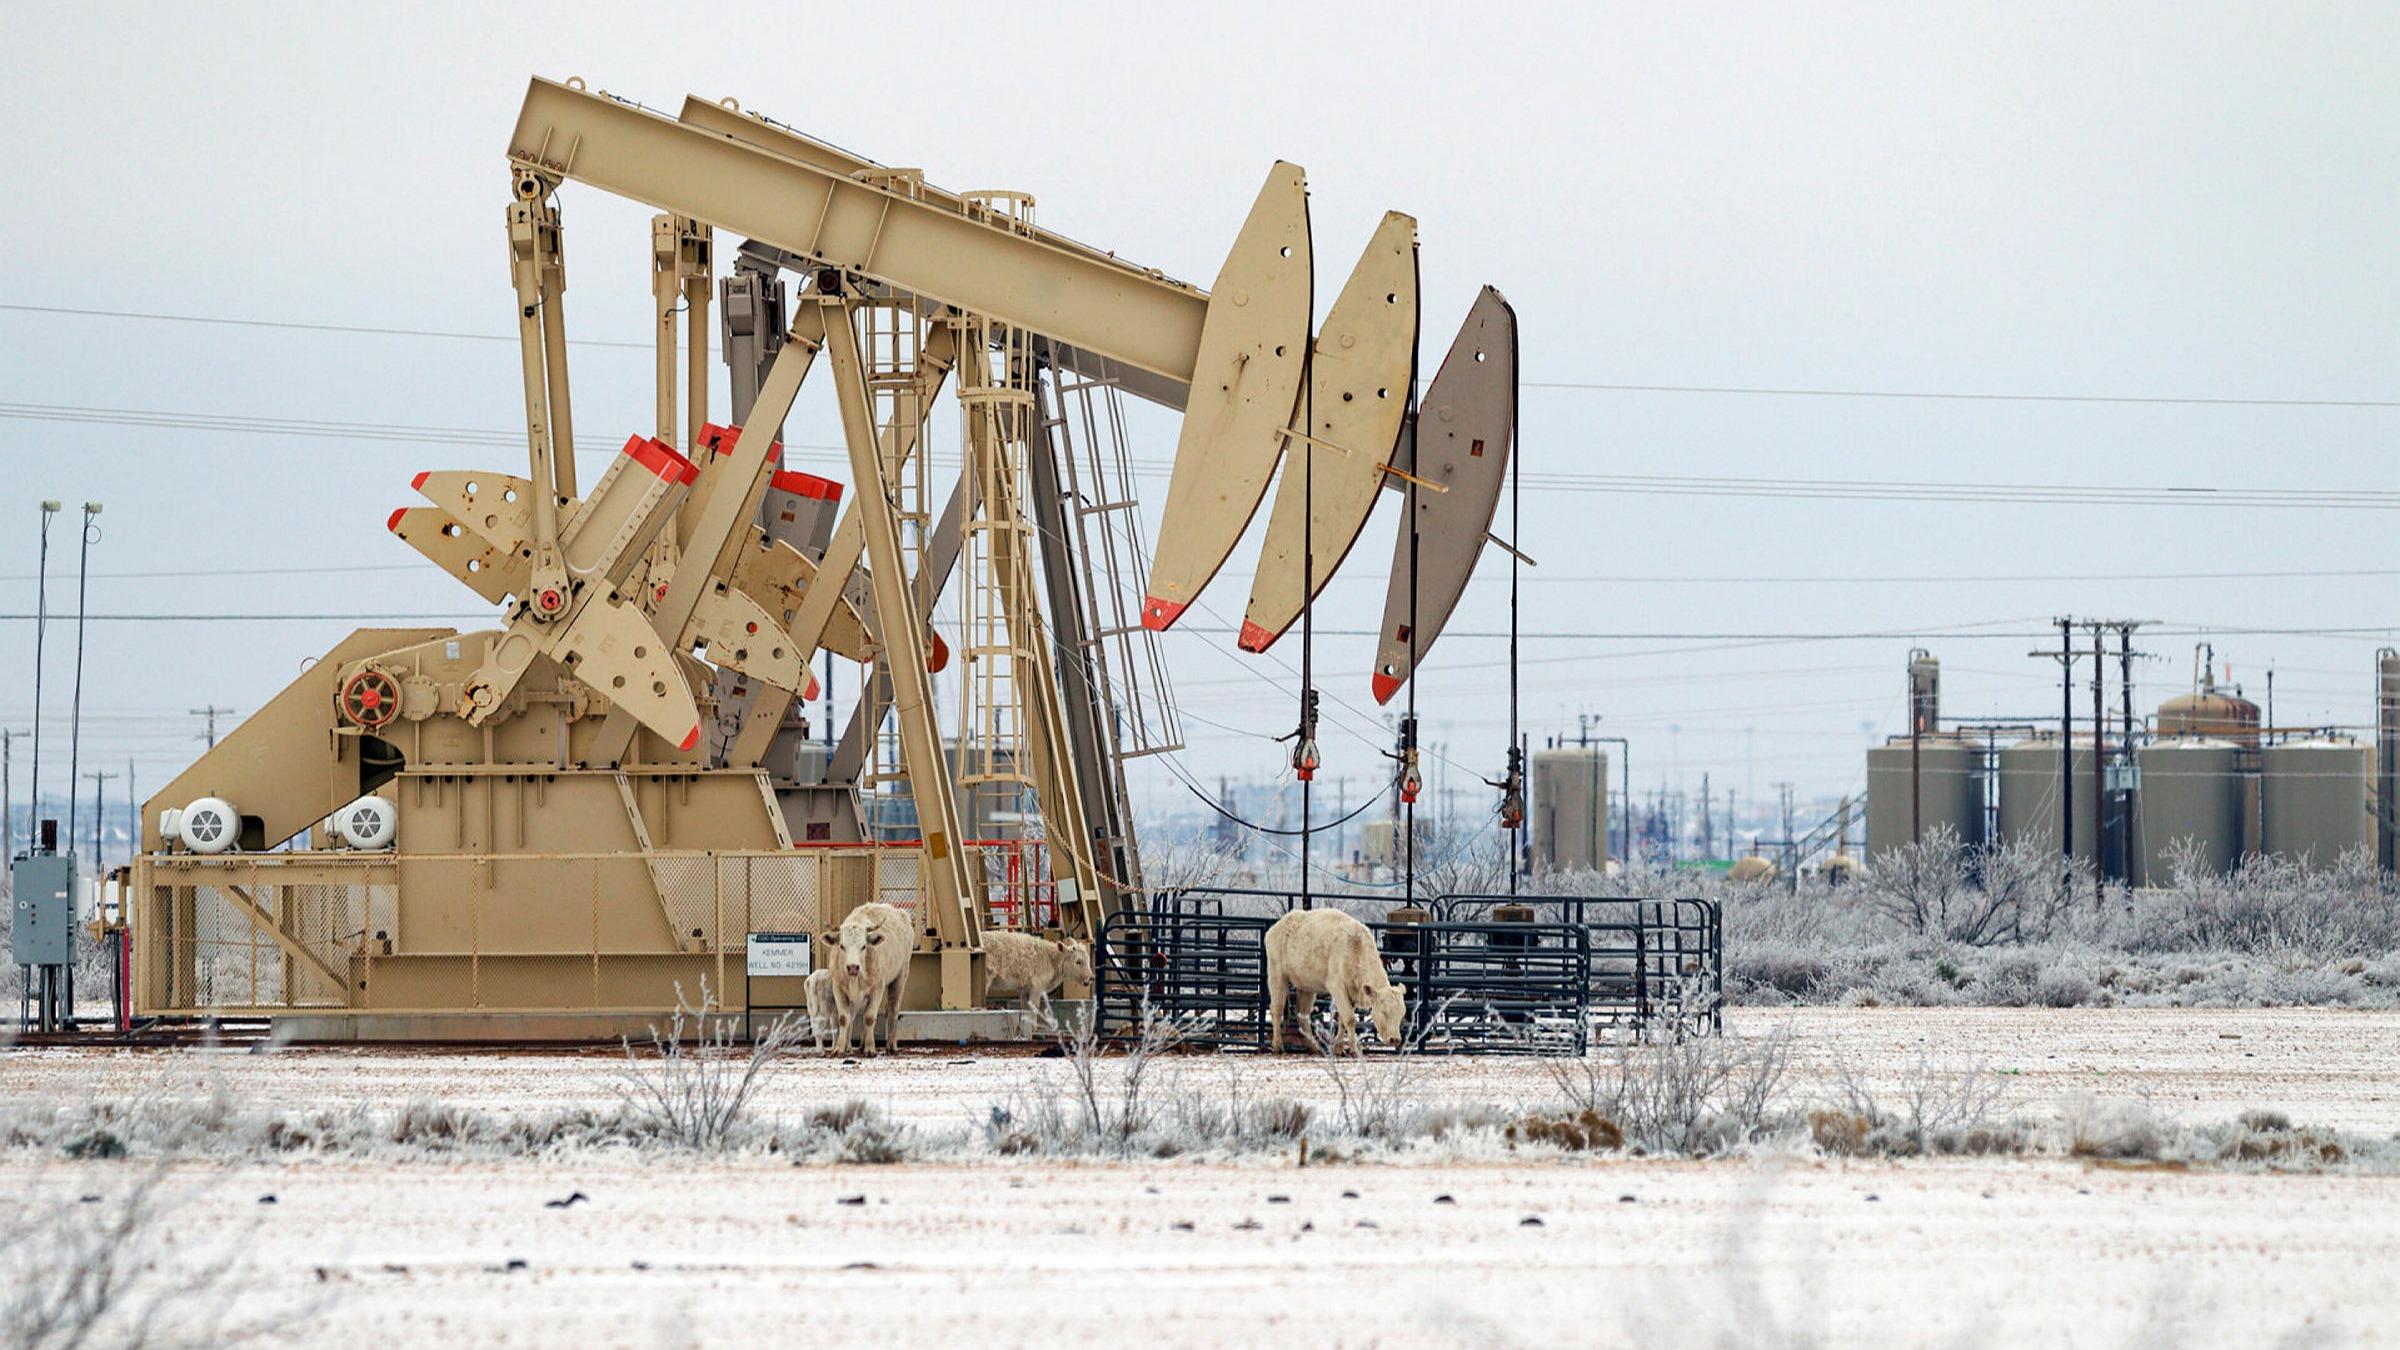 Sản lượng từ Mỹ bị đóng băng một phần, giá dầu tăng, vàng chạm đáy hơn 2 tháng